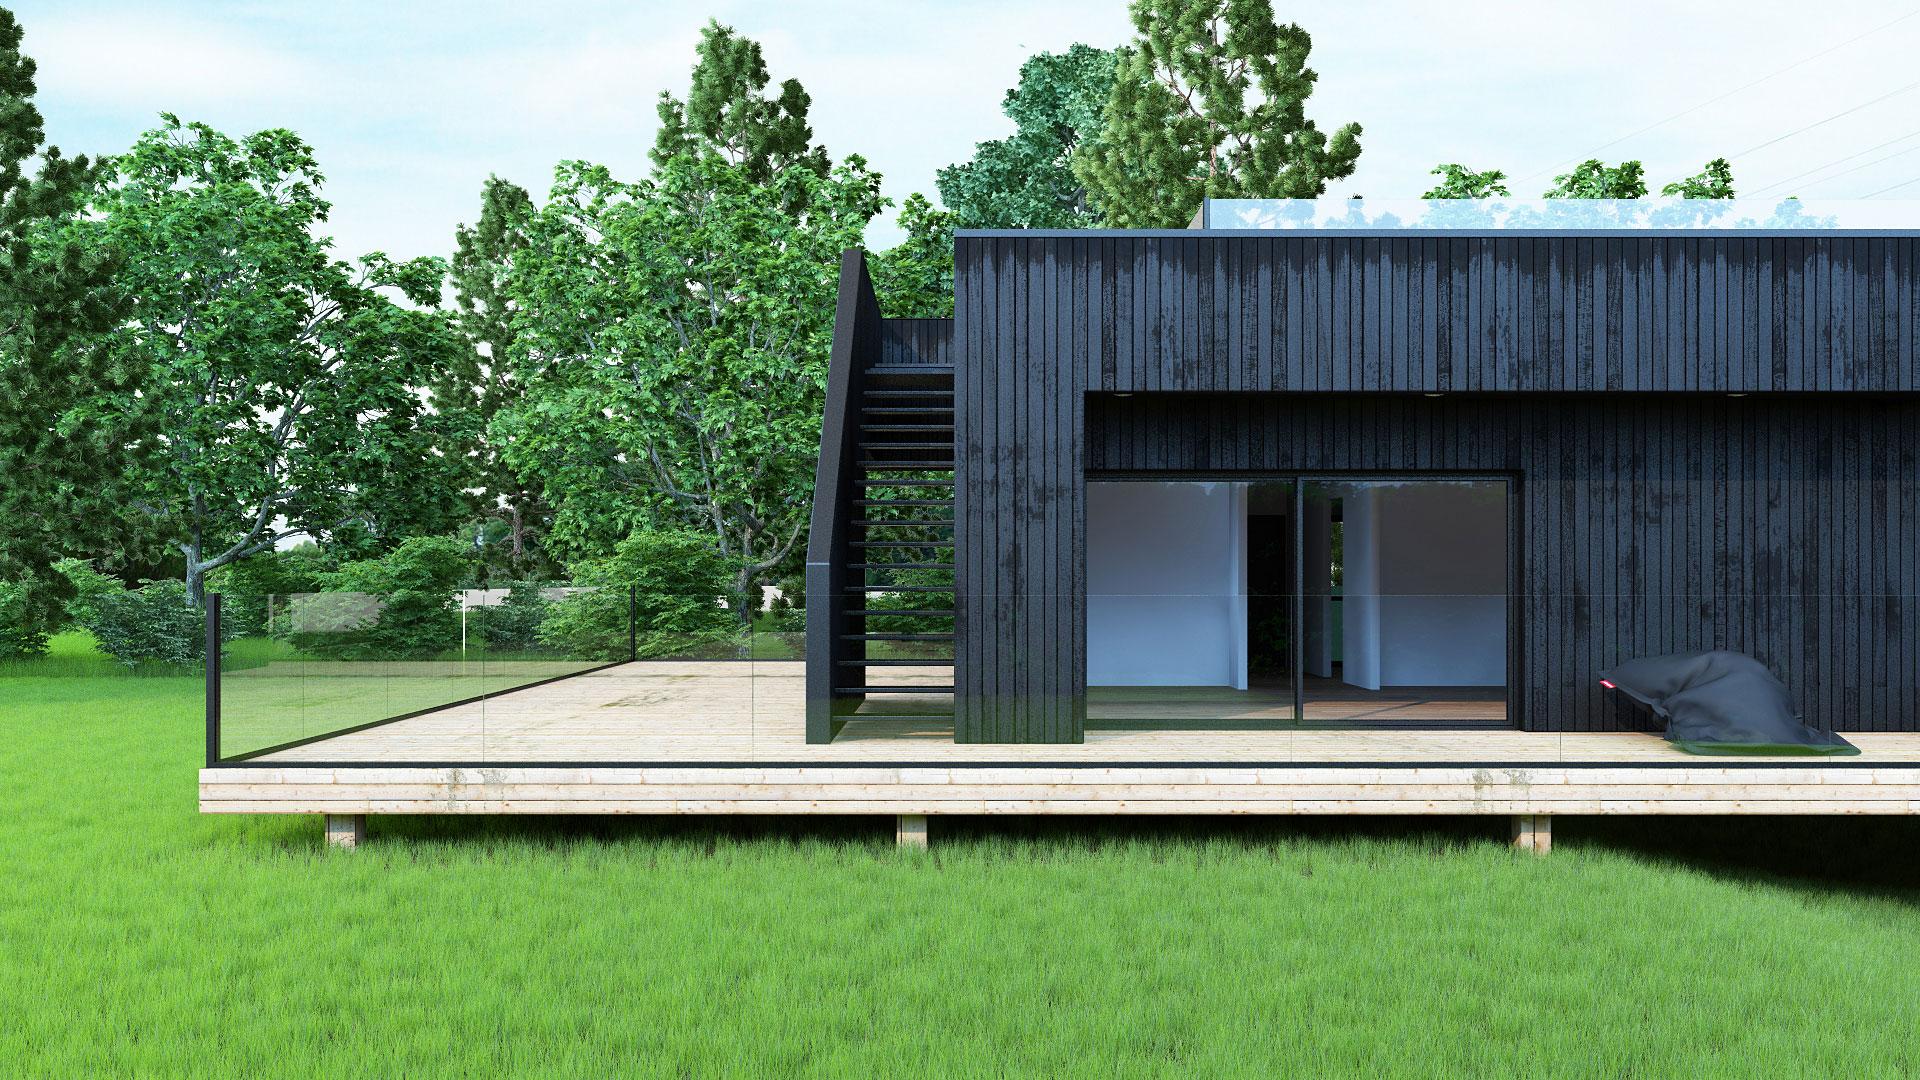 maison bois noir, image 3d maison, image 3d architecture, illustration 3d maison, terrasse bois, insertion dans le site, illustration pour permis de construire, image permis de construire, 3d exterieur realiste, graphisme 3d